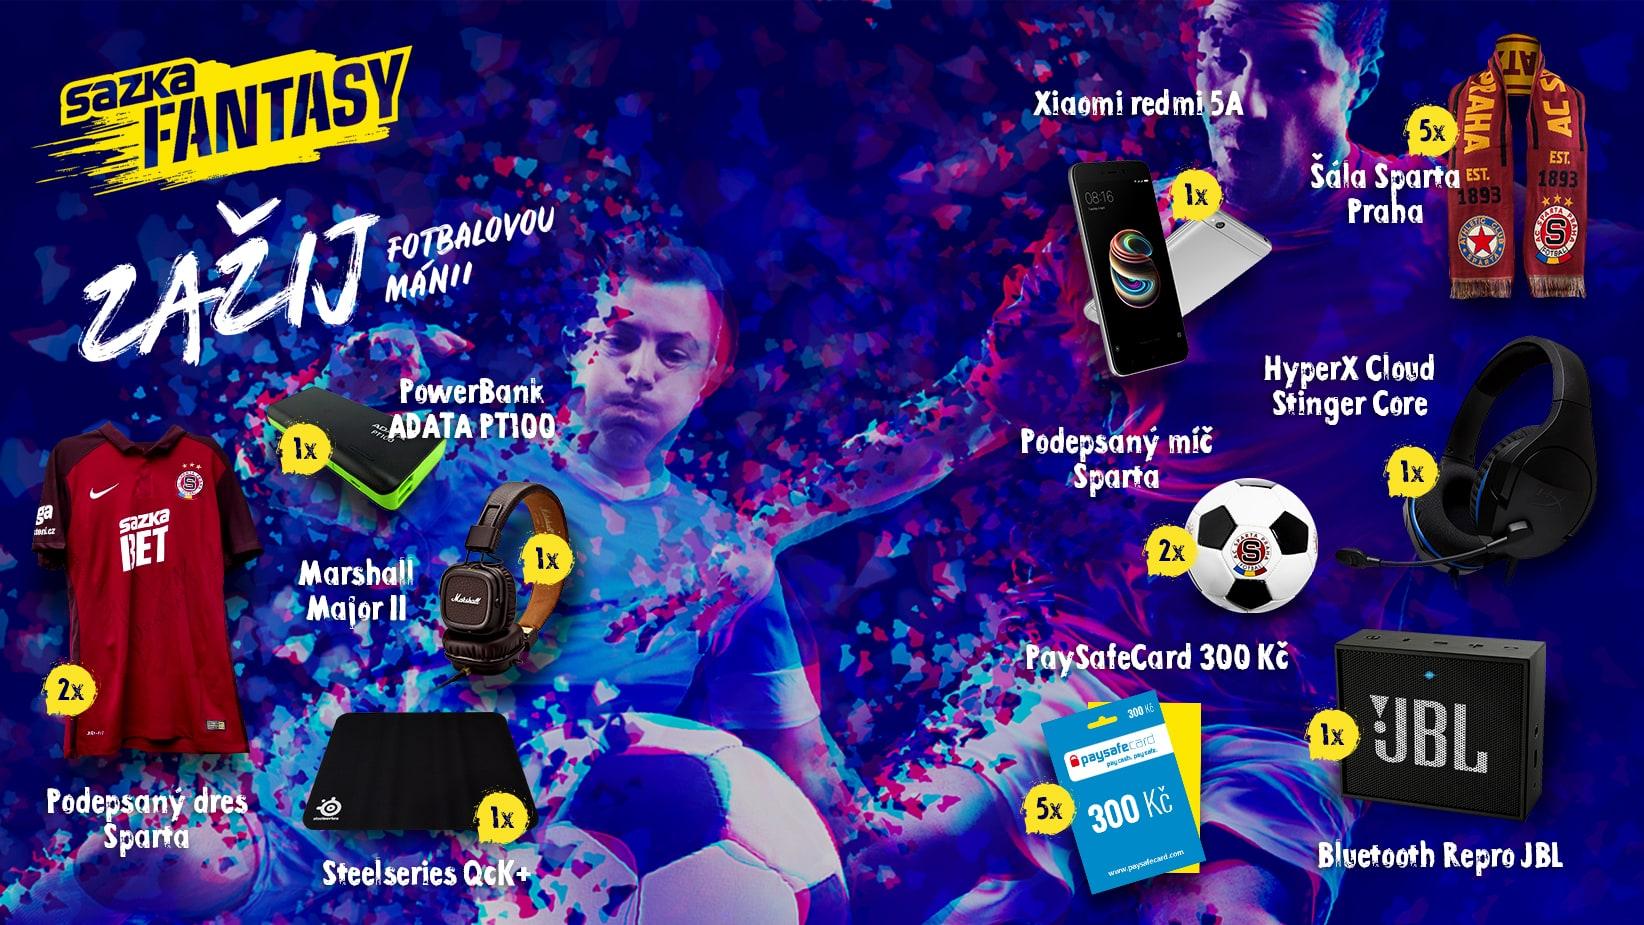 MS Fotbal 2018 - vyhraj podepsaný dres od SAZKA Fantasy - https://gleam.io/CxP4l/vyhrvej-se-sazka-fantasy